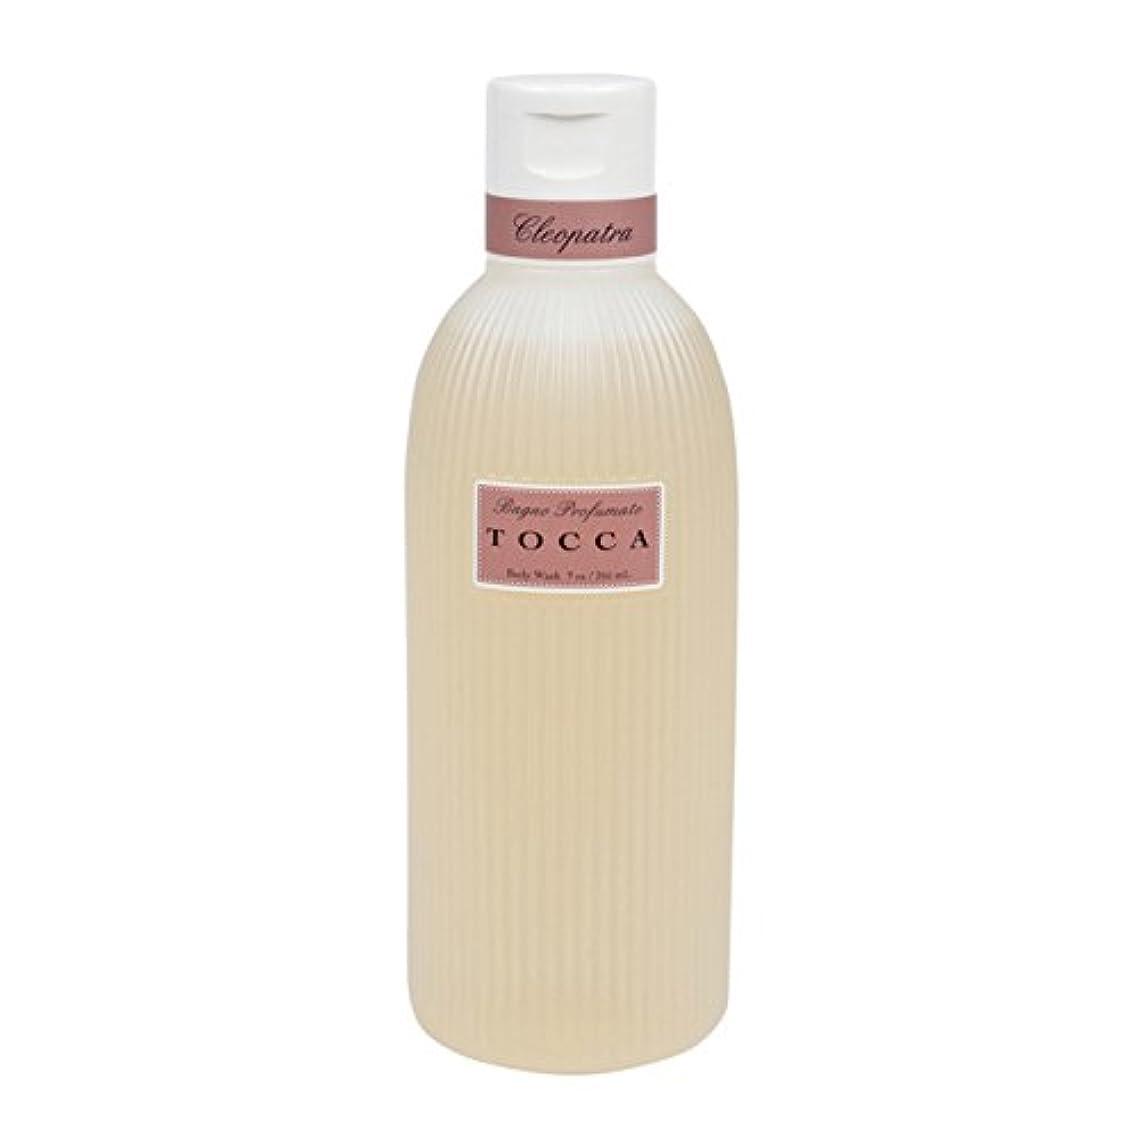 膿瘍ショートカットプラグトッカ(TOCCA) ボディーケアウォッシュ クレオパトラの香り 266ml(全身用洗浄料 ボディーソープ グレープフルーツとキューカンバーのフレッシュでクリーンな香り)